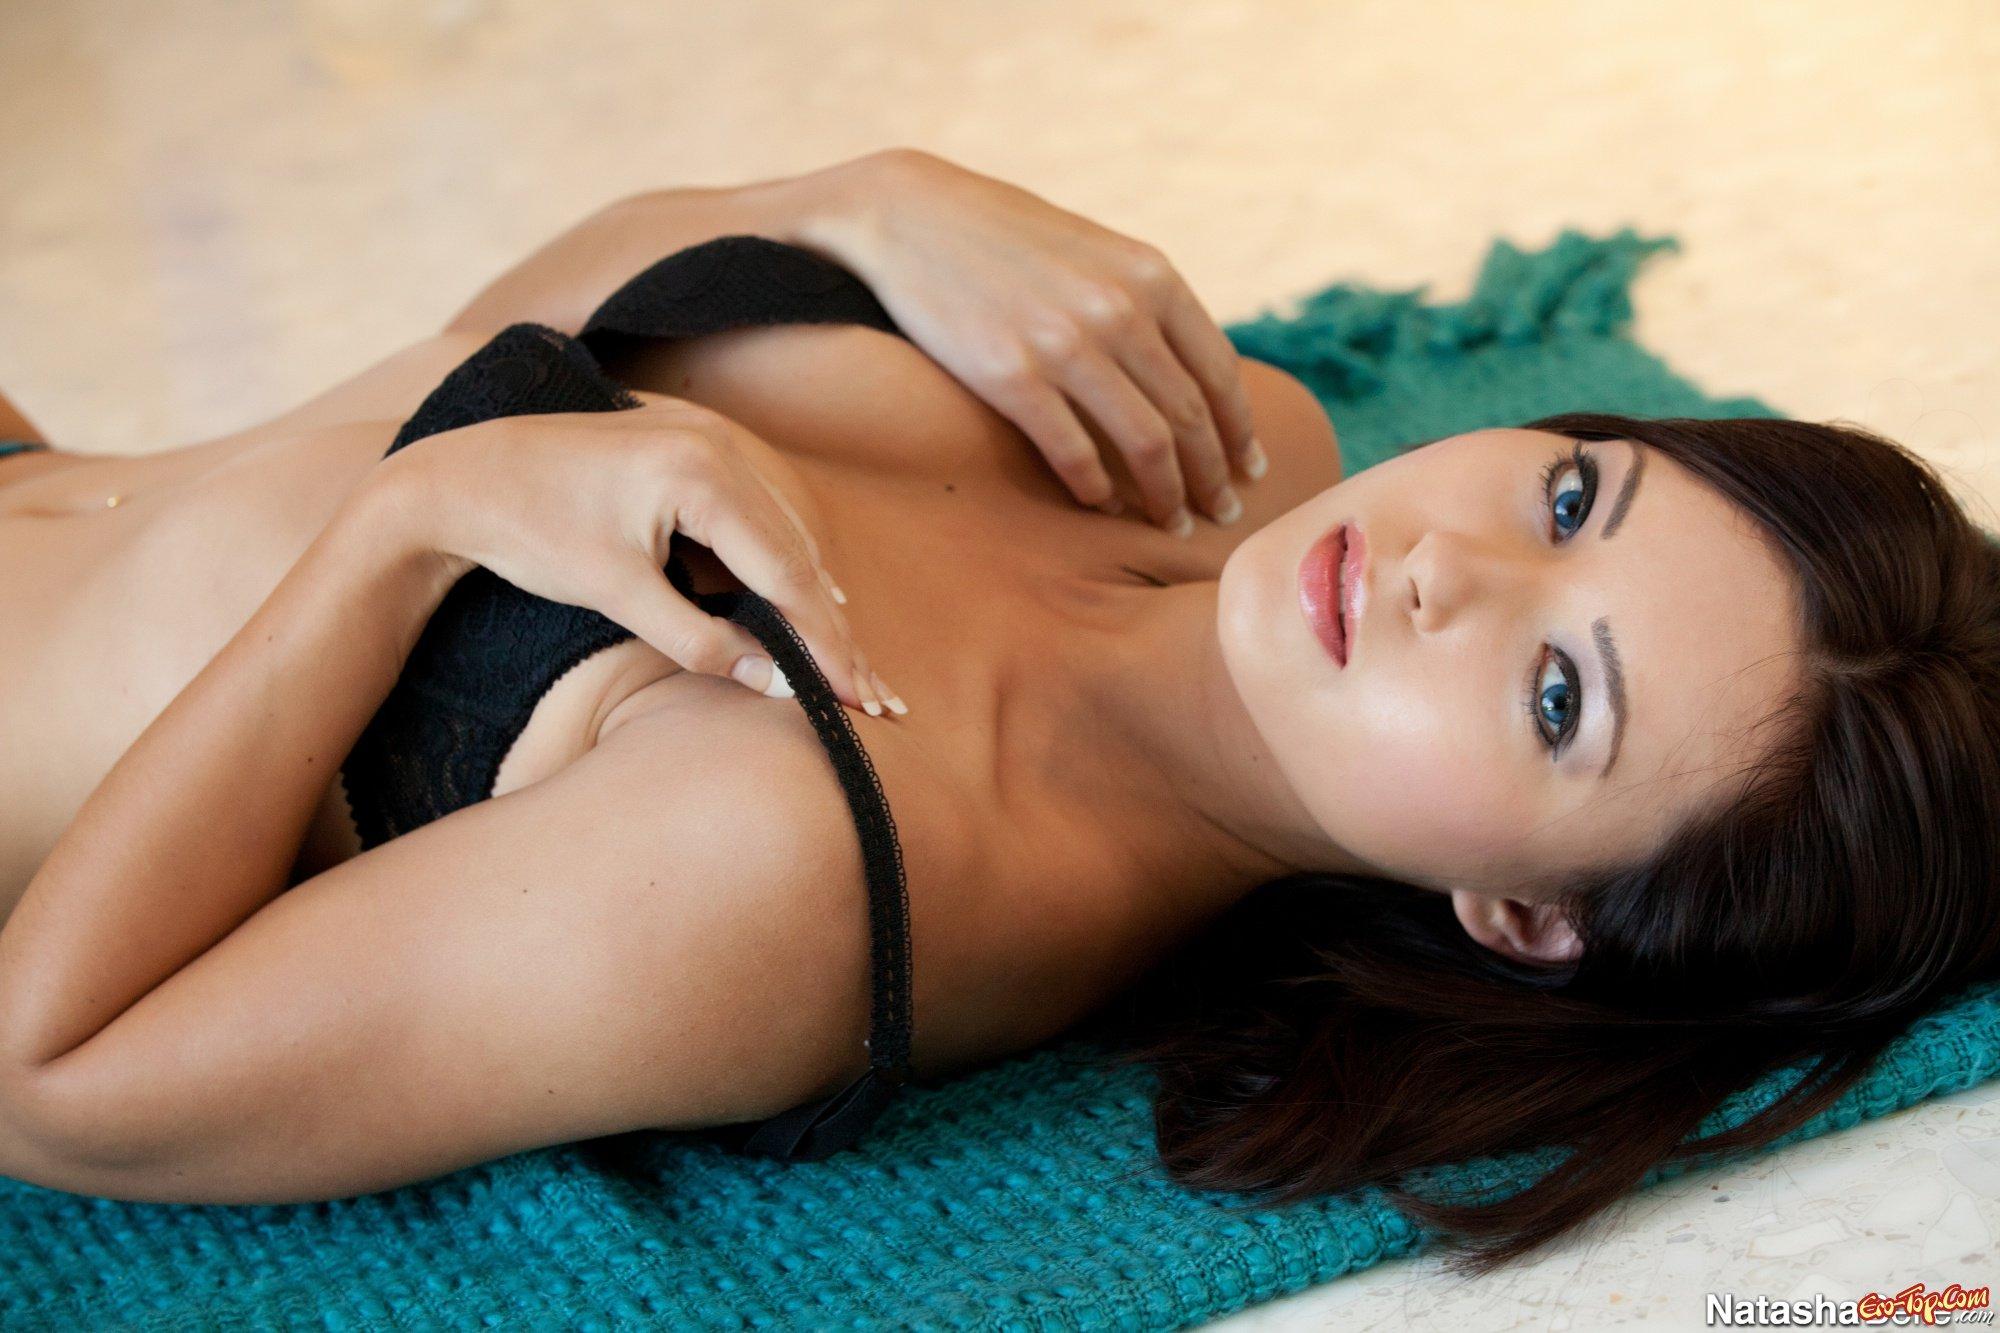 Красоточка Natasha Belle смотреть эротику